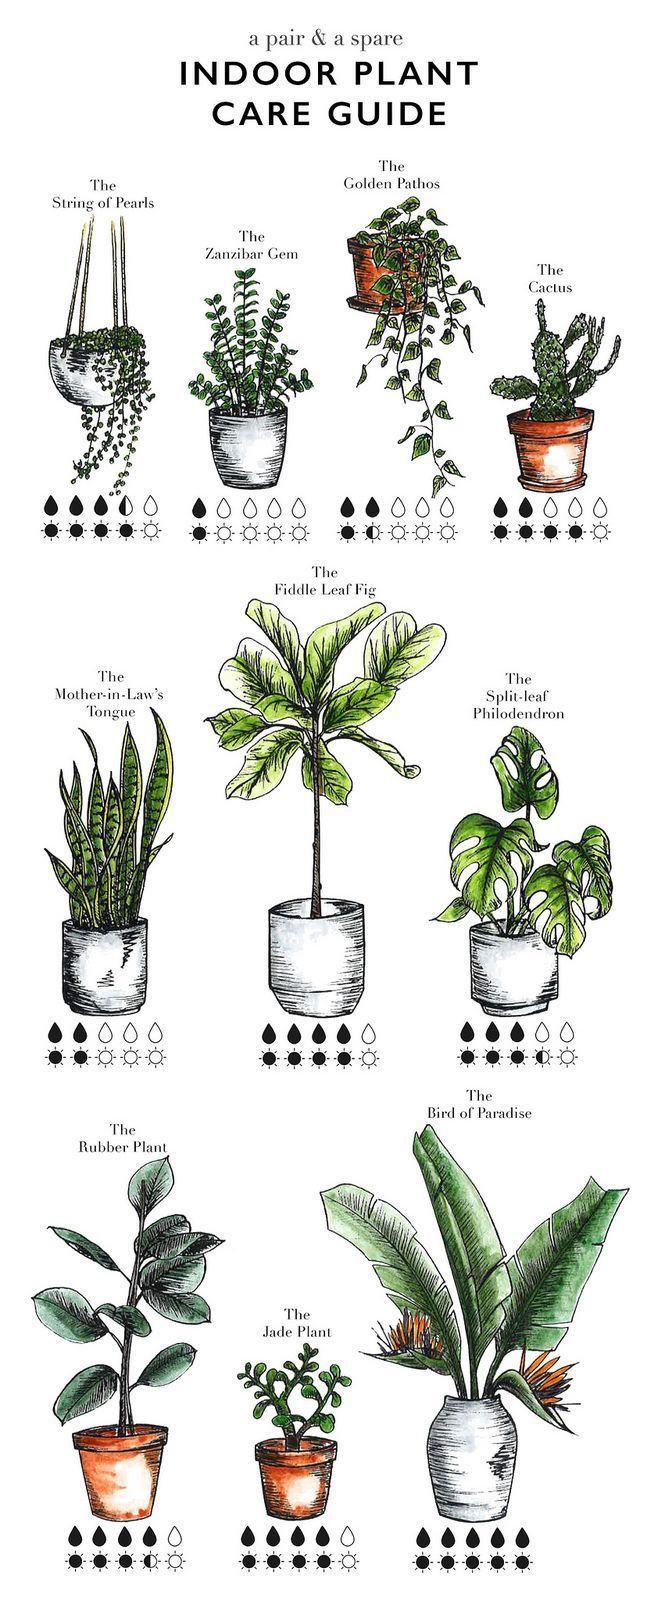 How to Care for Indoor Plants ähnliche tolle Projekte und Ideen wie im Bild vorgestellt findest du auch in unserem Magazin . Wir freuen uns auf deinen Besuch. Liebe Grüße